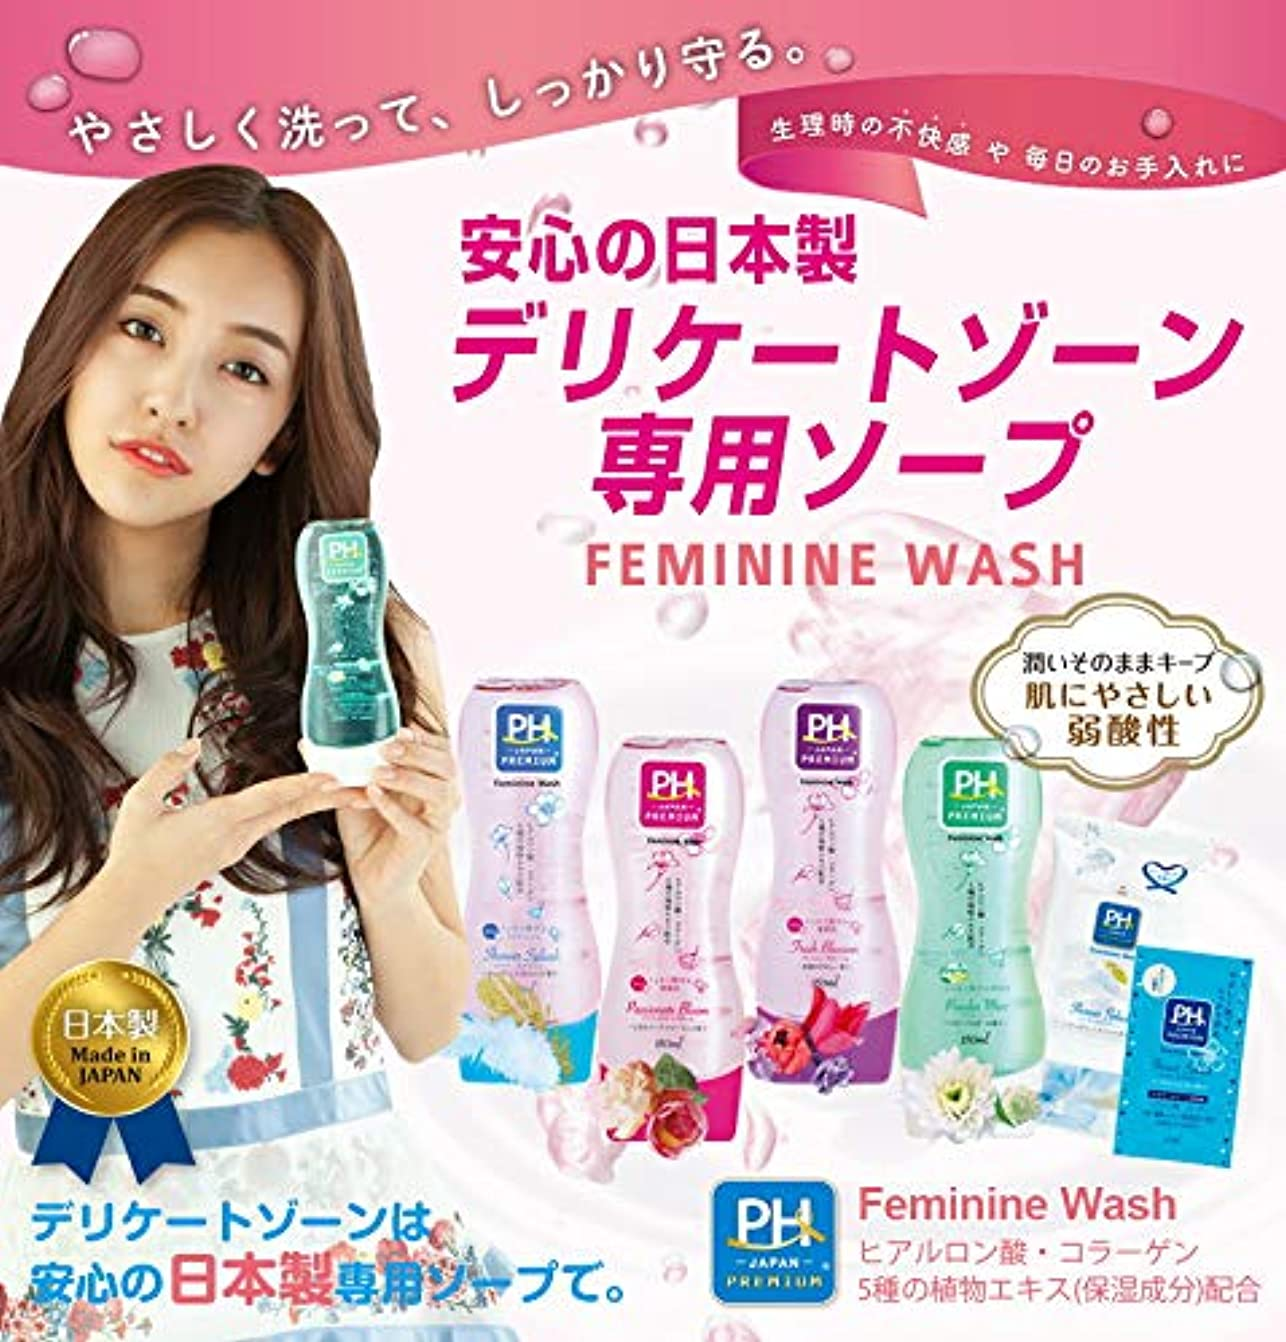 戸惑うフィット窓を洗うパウダーミント4本セット PH JAPAN フェミニンウォッシュ ベビーパウダーの香り